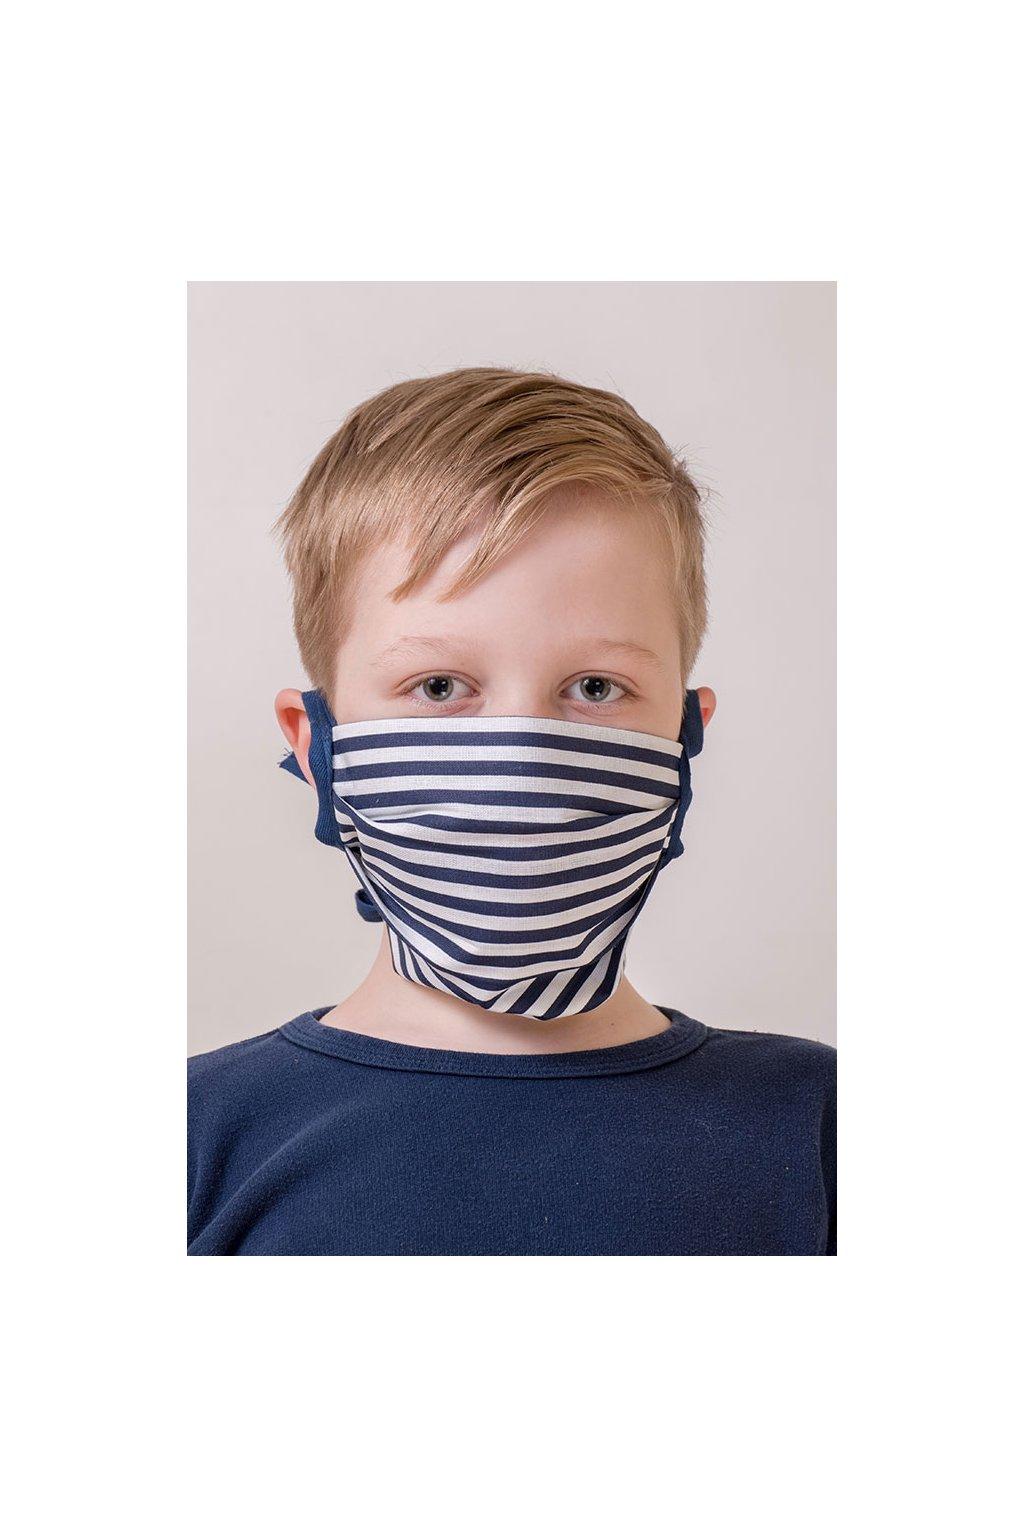 Dětská bavlněná rouška na ústa a nos dvouvrstvá skládaná s kapsou, šňůry z keprové stuhy, 787-200, Bílá/modrá